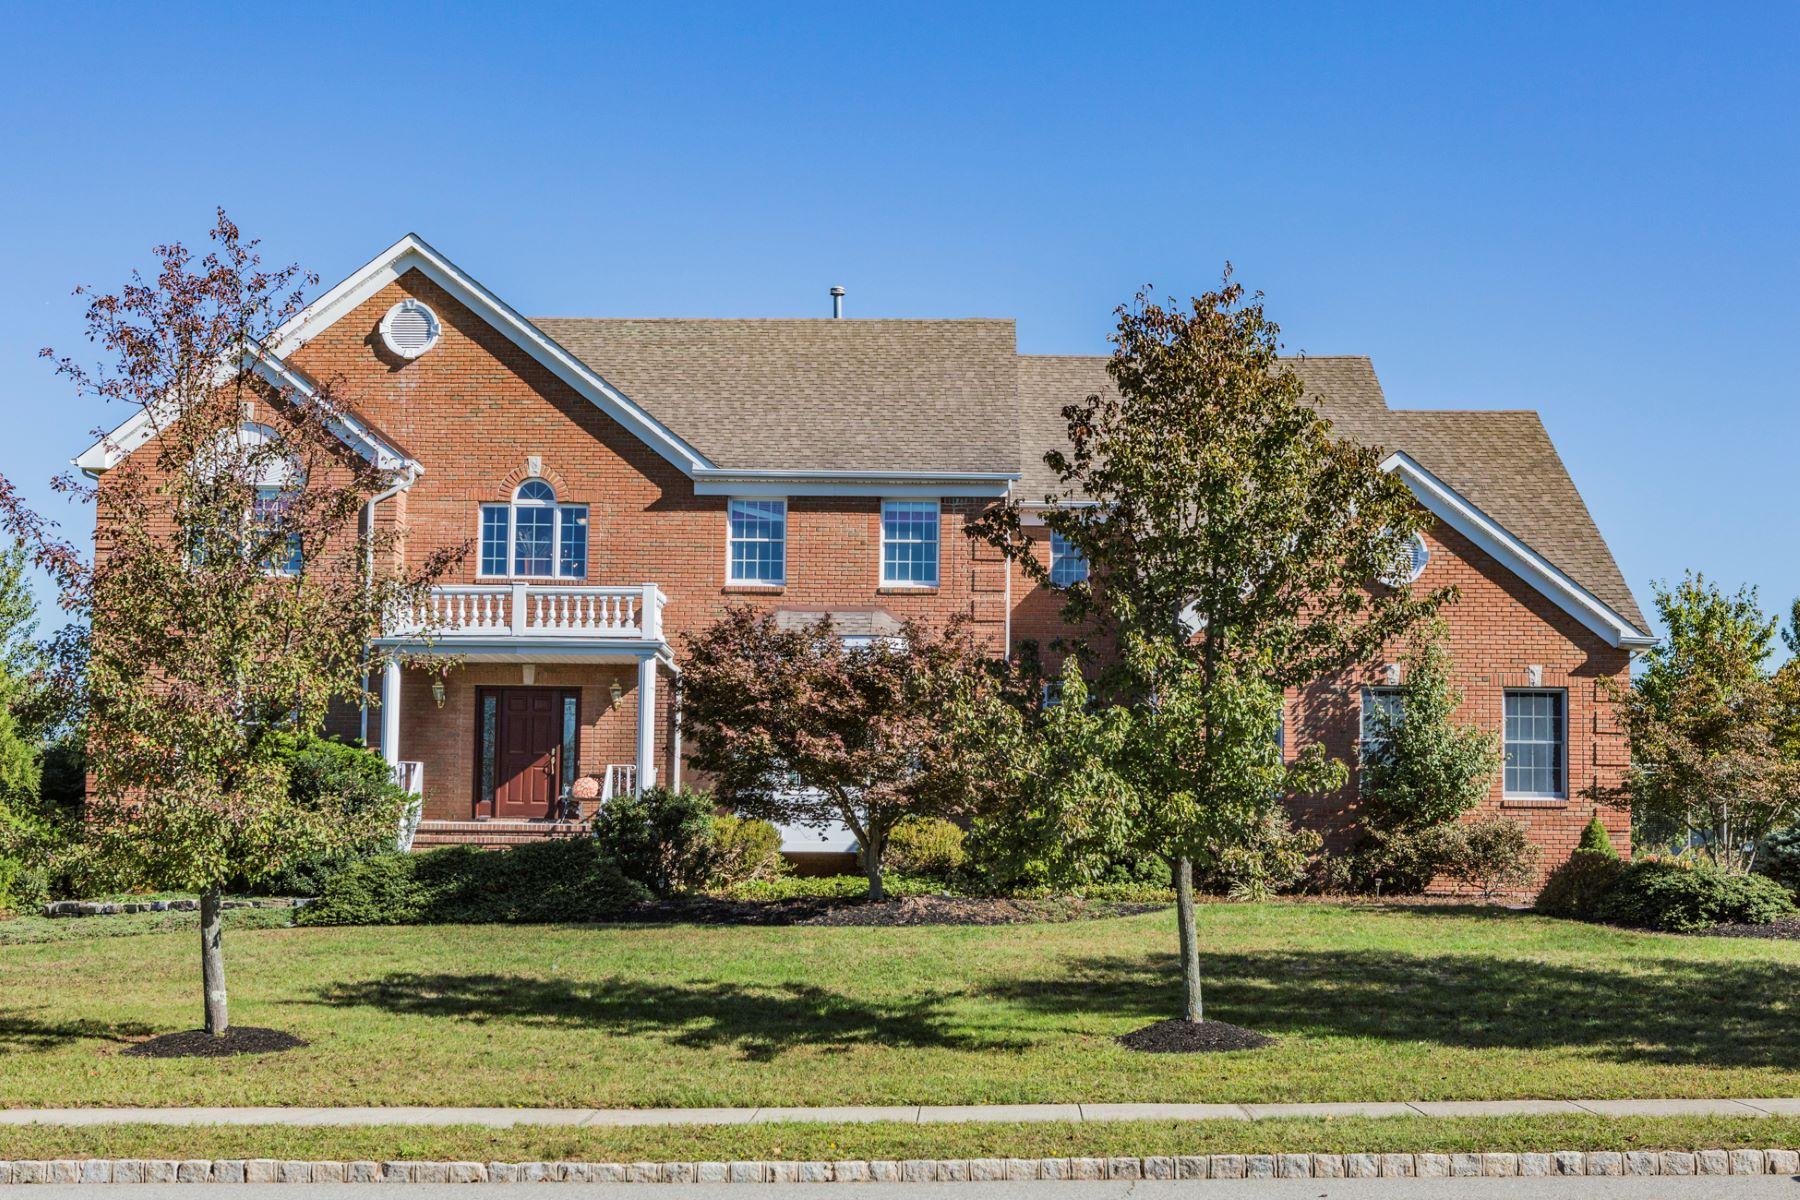 Частный односемейный дом для того Продажа на Harmonious Floor Plan - Montgomery Township 60 Hills Drive Belle Mead, 08502 Соединенные Штаты